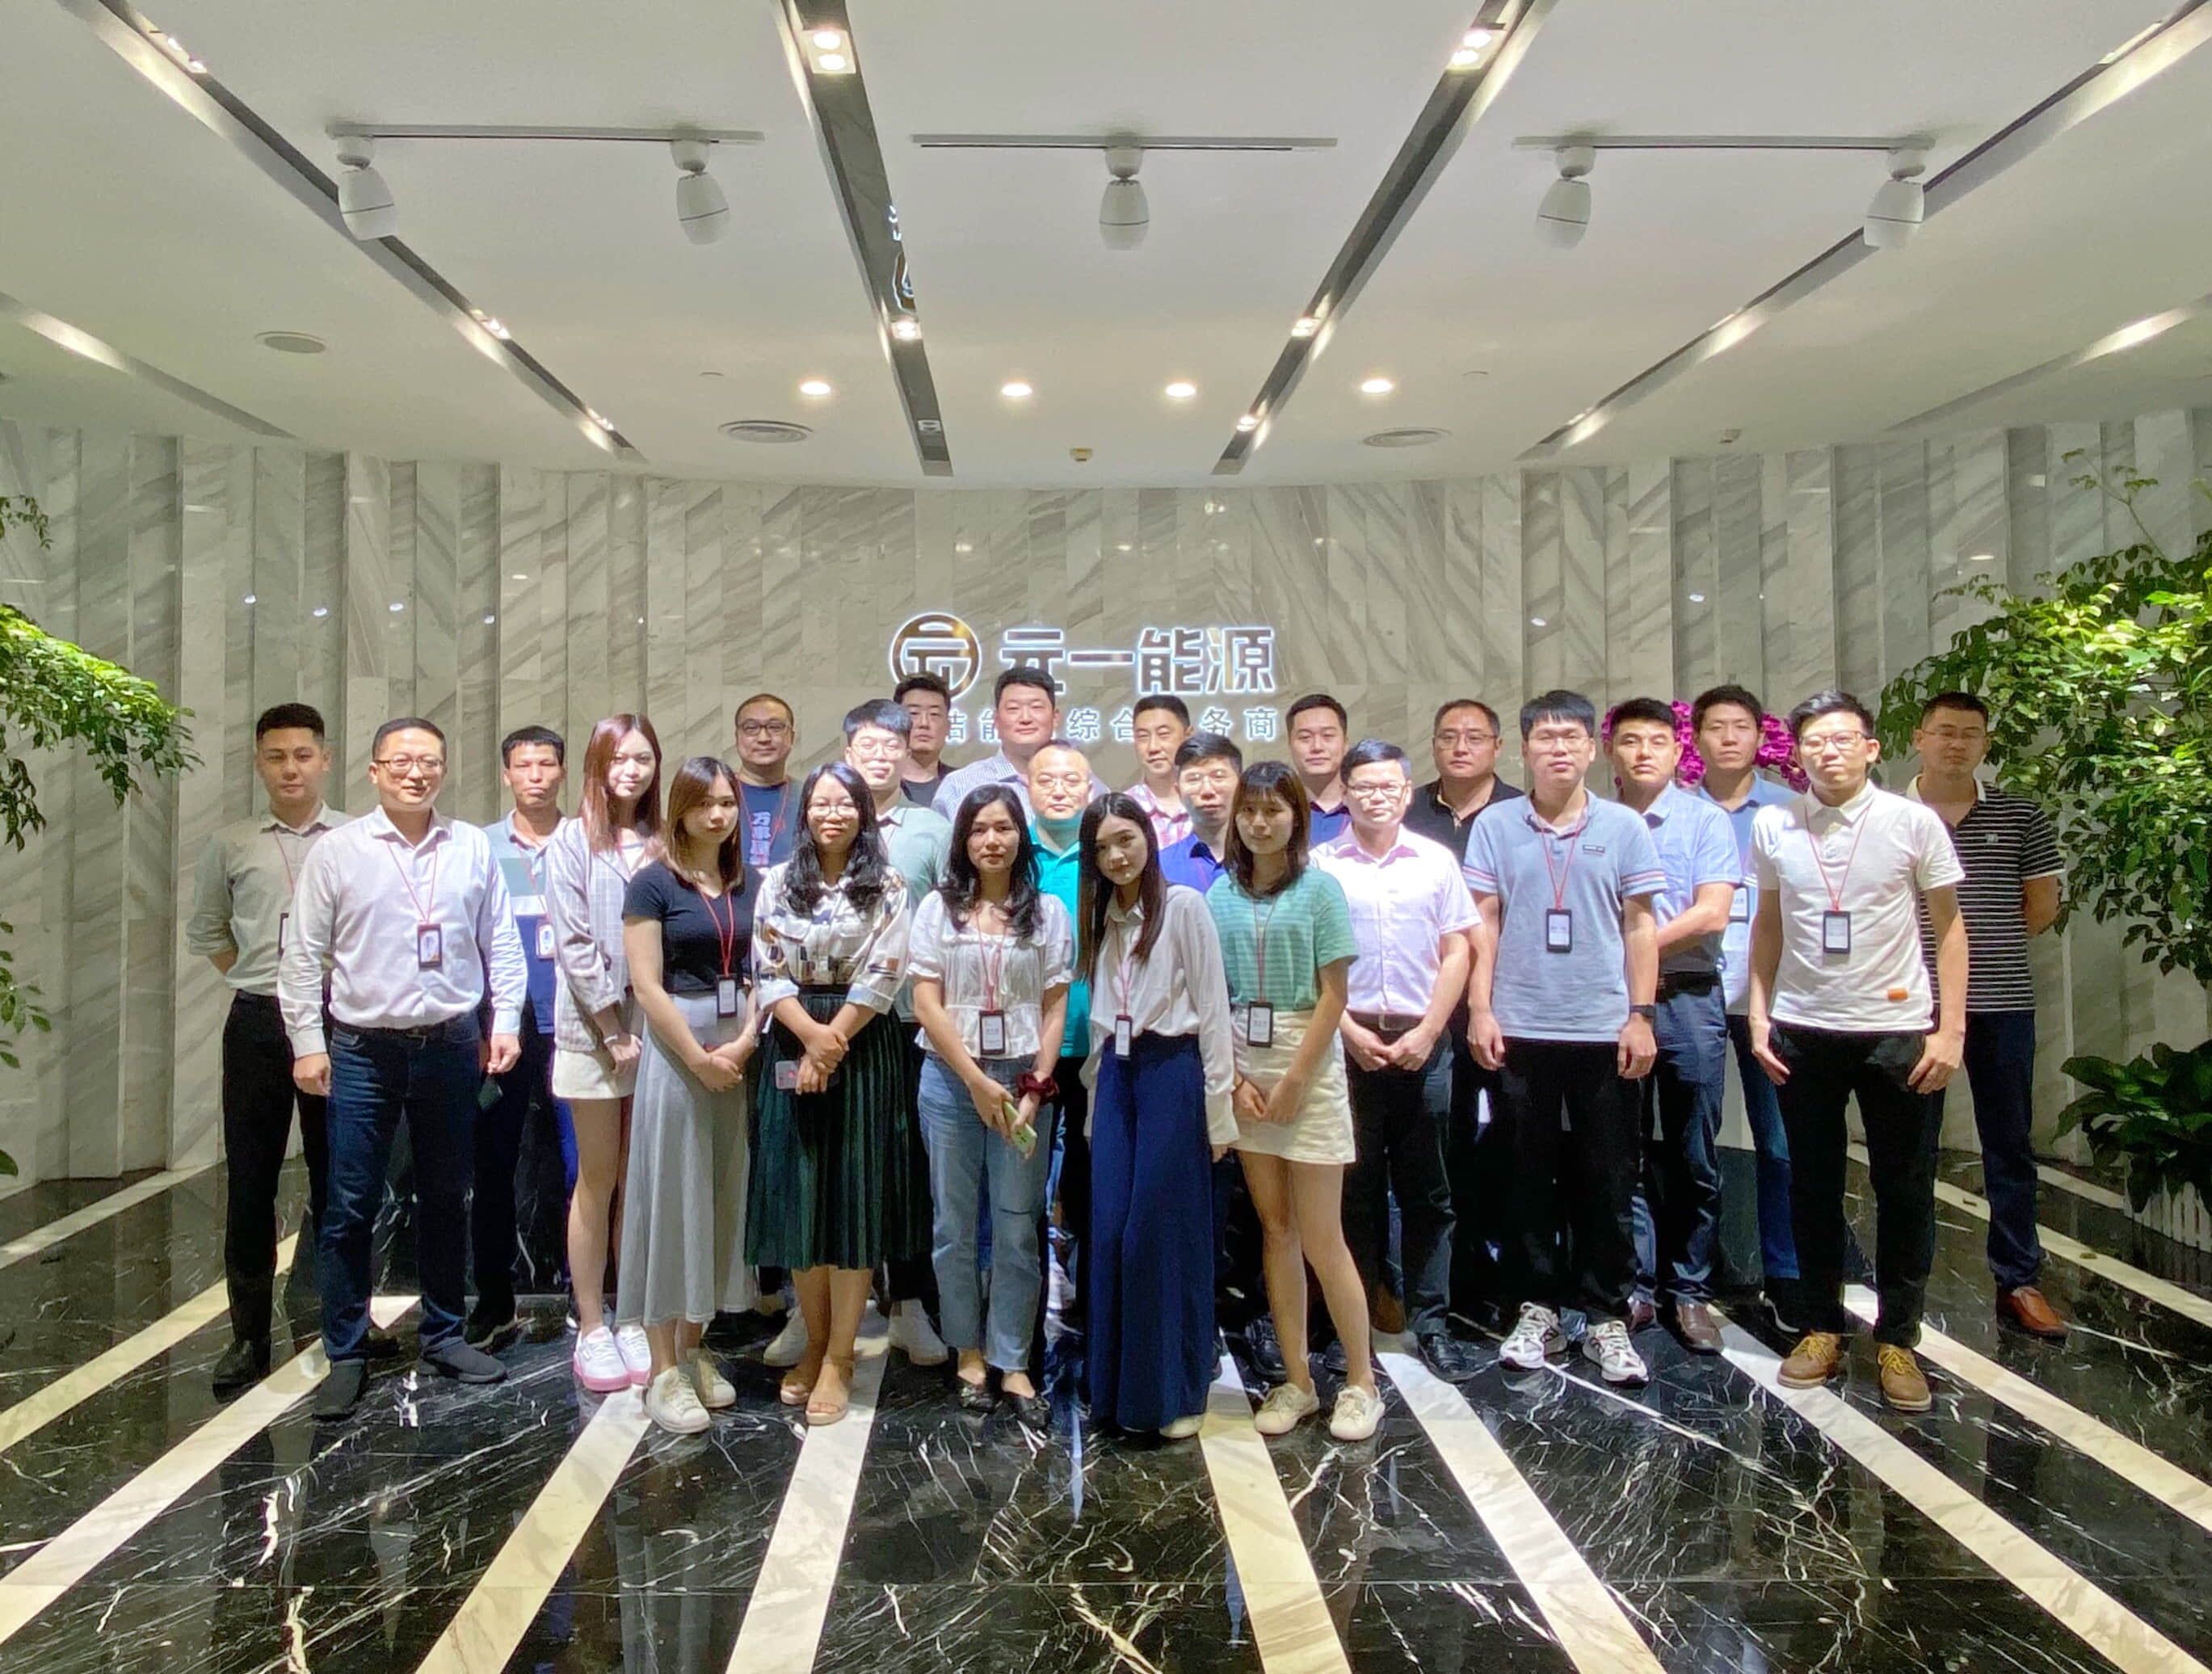 「乘风而上·与光同行」永利国际官网三周年庆活动成功举办!